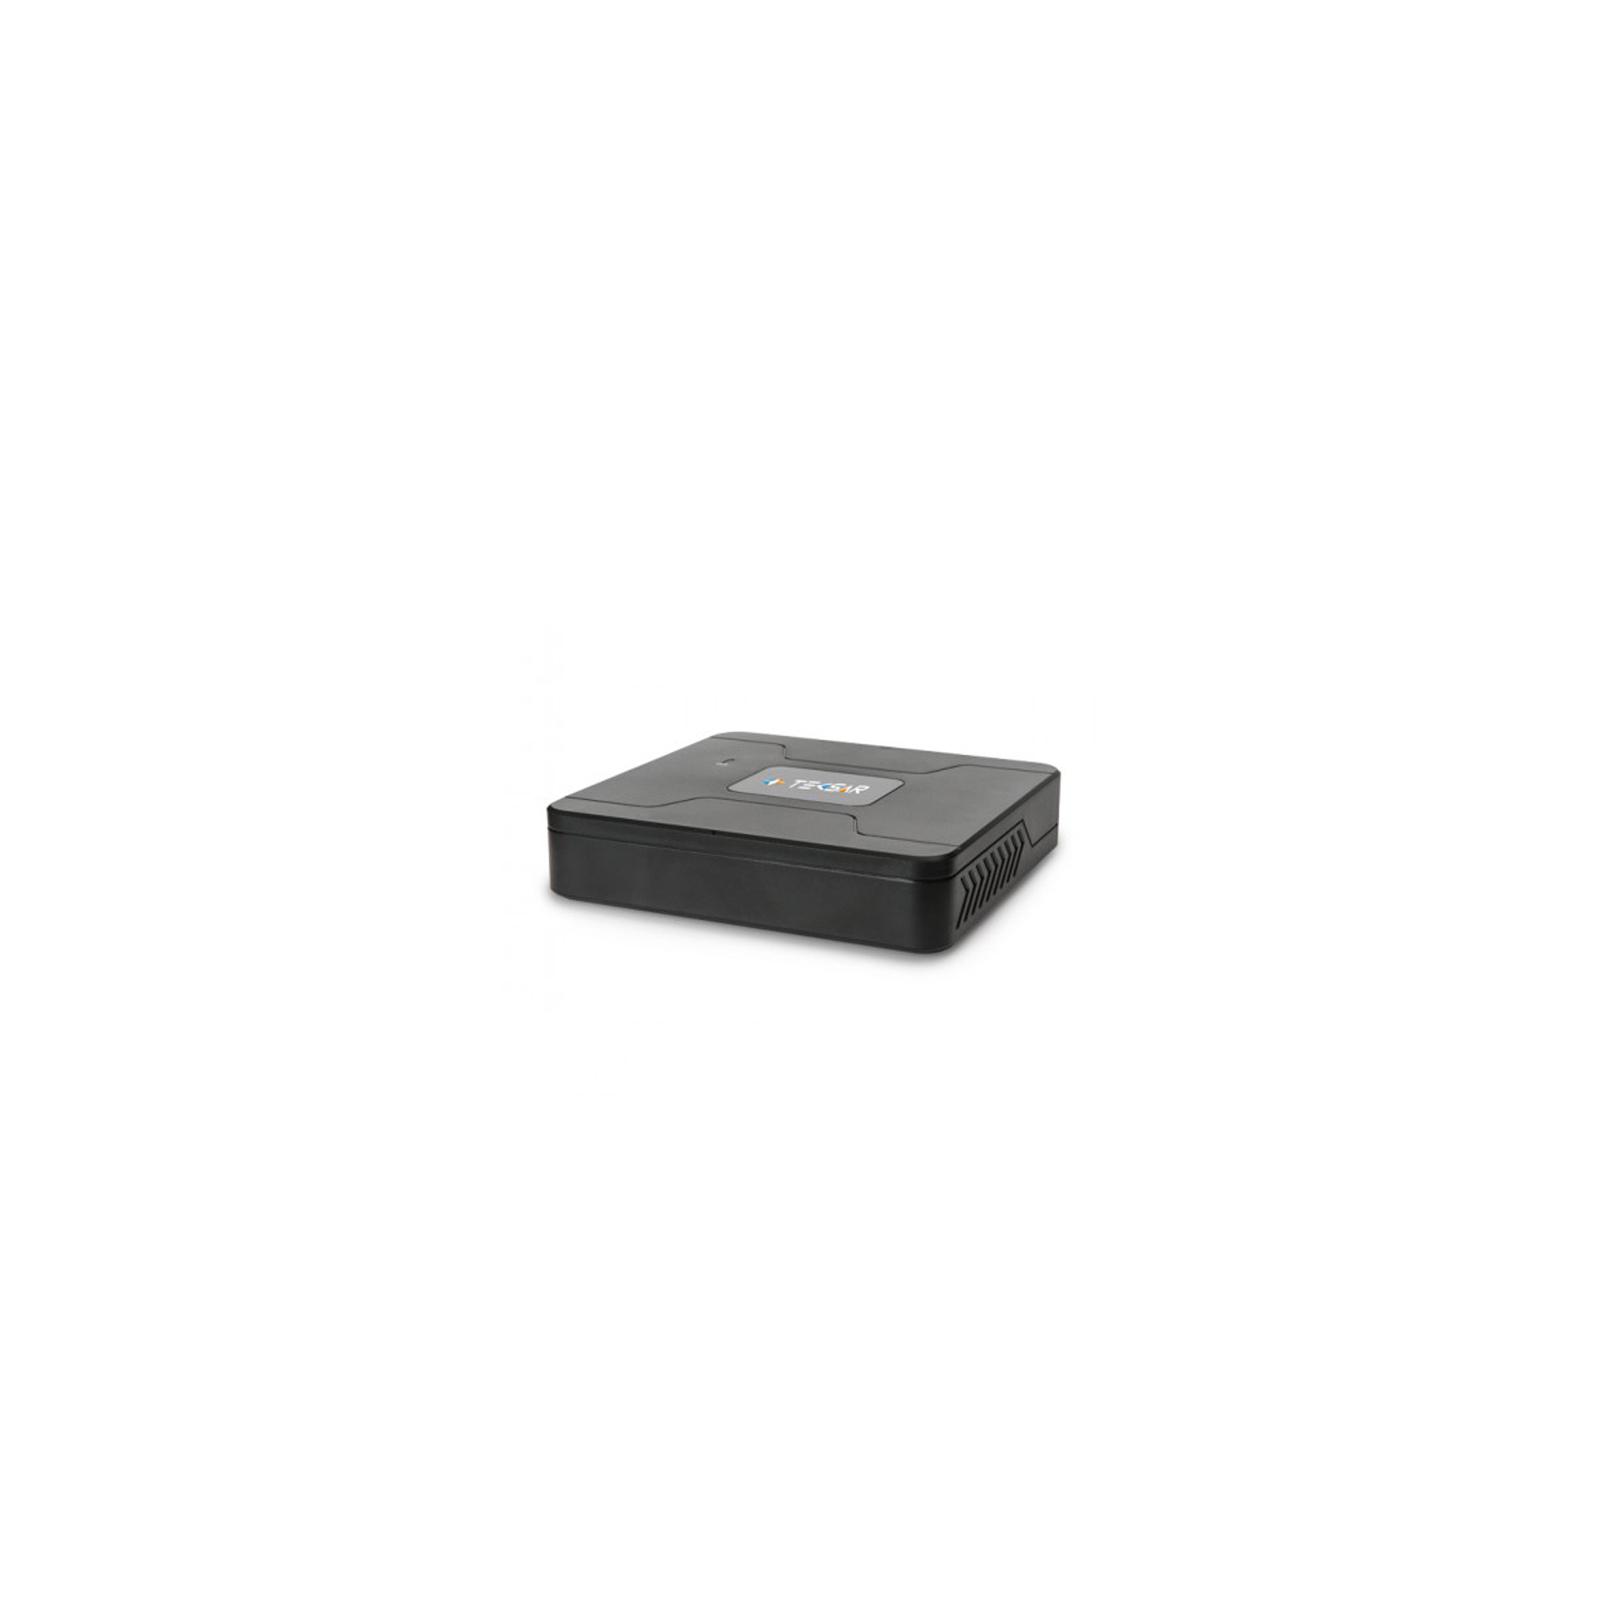 Регистратор для видеонаблюдения Tecsar HDVR Modernist + HDD 1TB (6913)